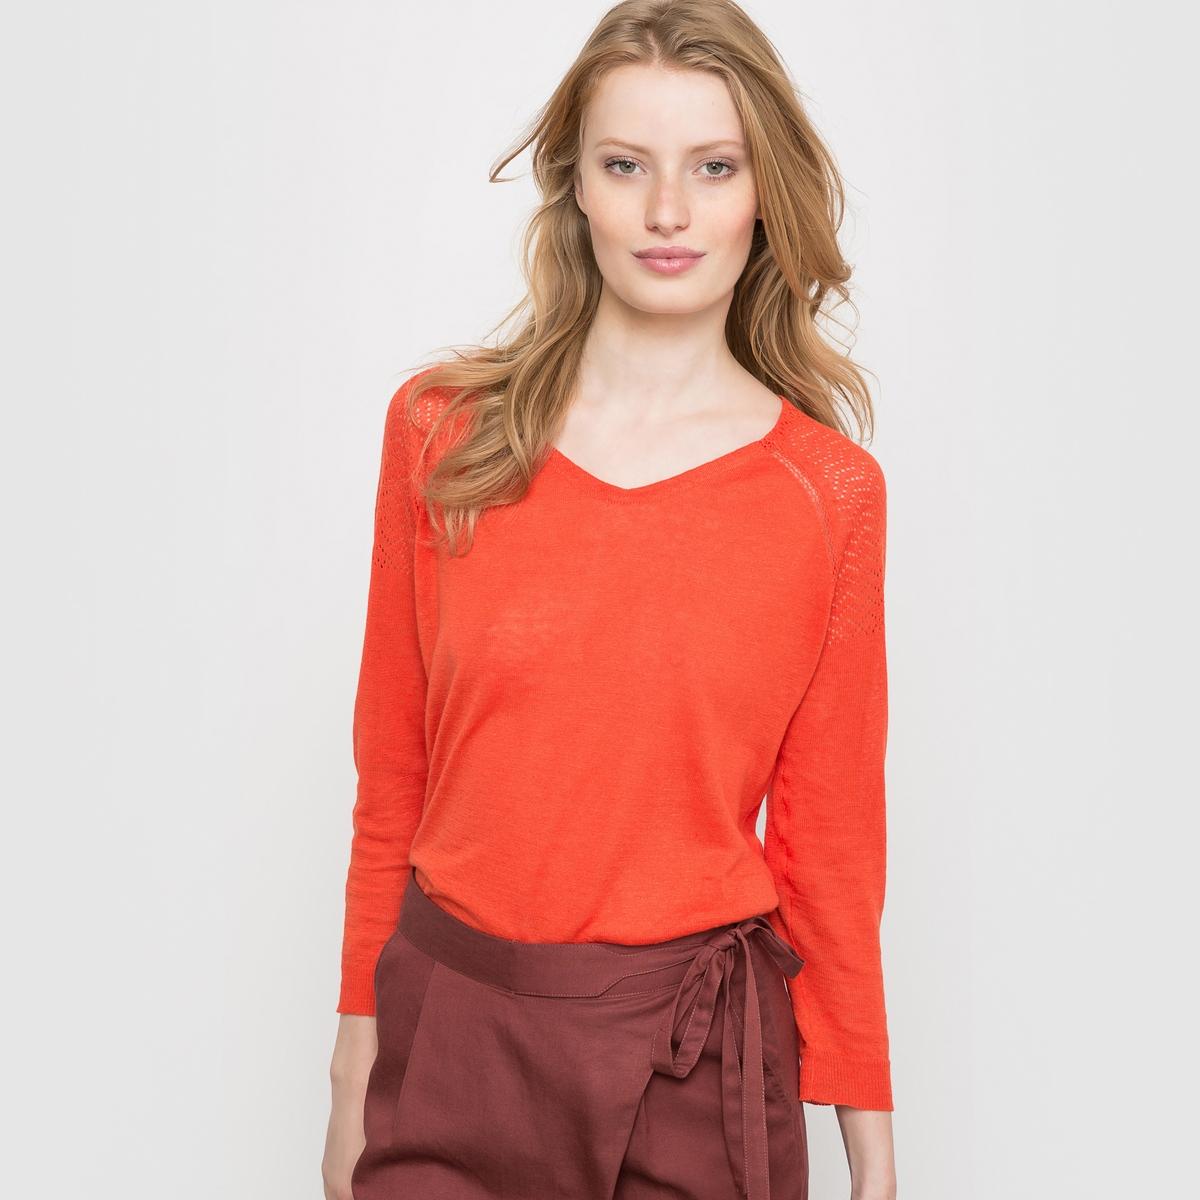 Пуловер с V-образным вырезом из льна и вискозыОчень женственный пуловер, красивый материал, 55% льна, ажурные вставки на плечах, застежка на пуговицы сзади.<br><br>Цвет: оранжевый,розовый/фиолетовый<br>Размер: 42/44 (FR) - 48/50 (RUS).38/40 (FR) - 44/46 (RUS)